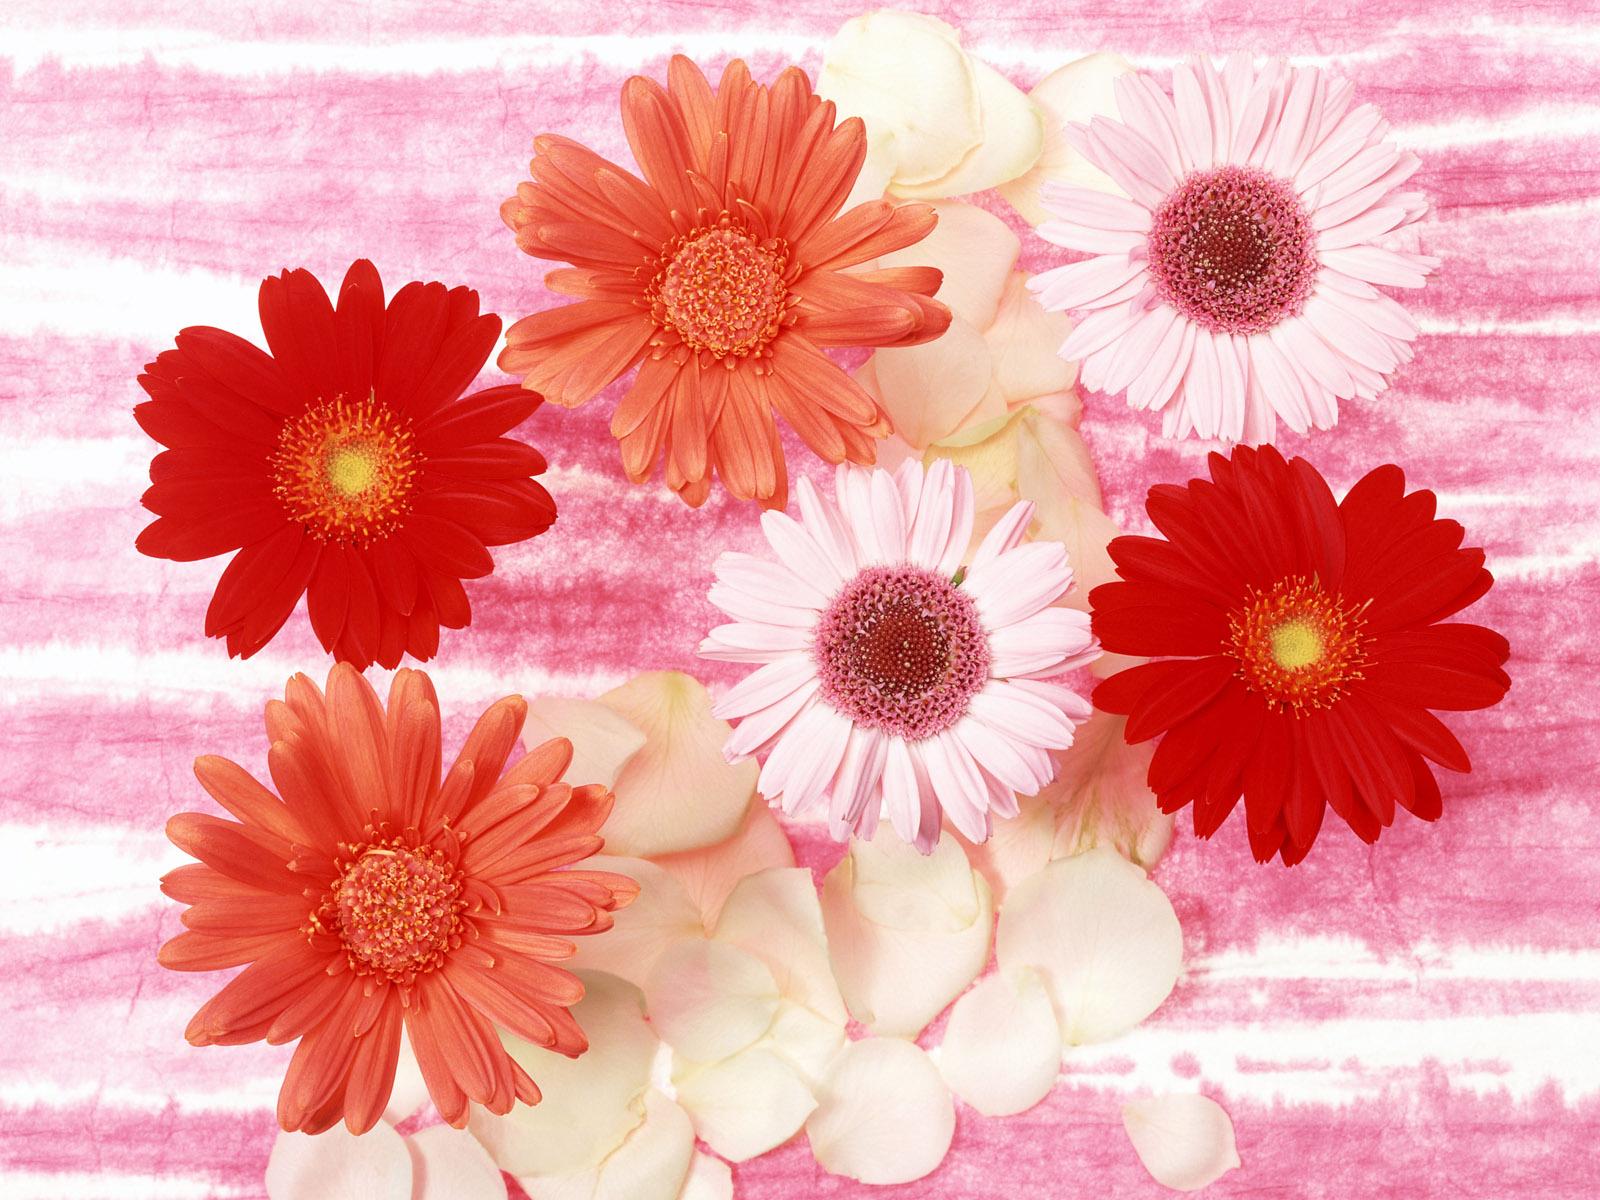 高精美鲜花壁纸